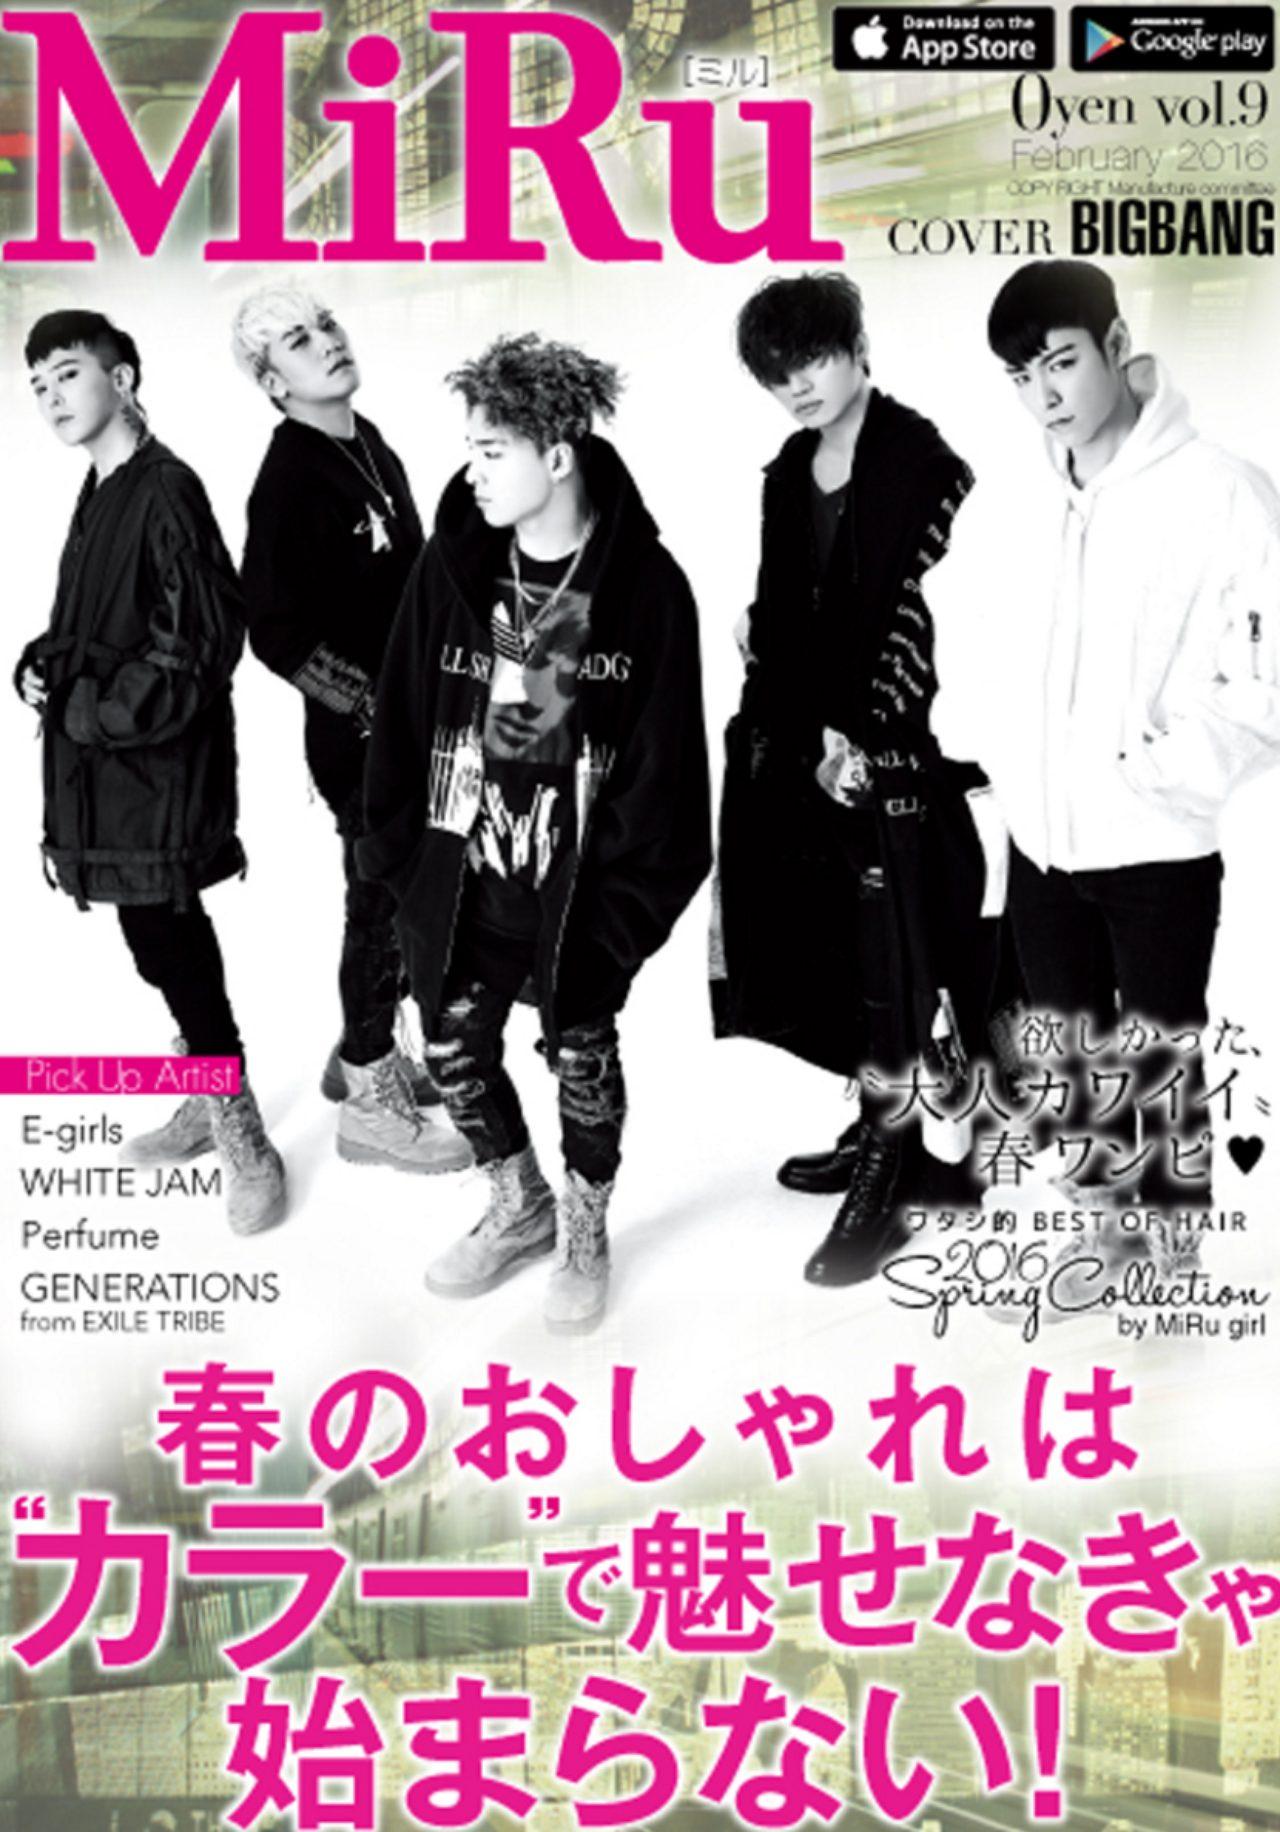 画像1: 「E-girls」「Perfume」「GENERATIONS」「WHITE JAM」など音楽特集も!